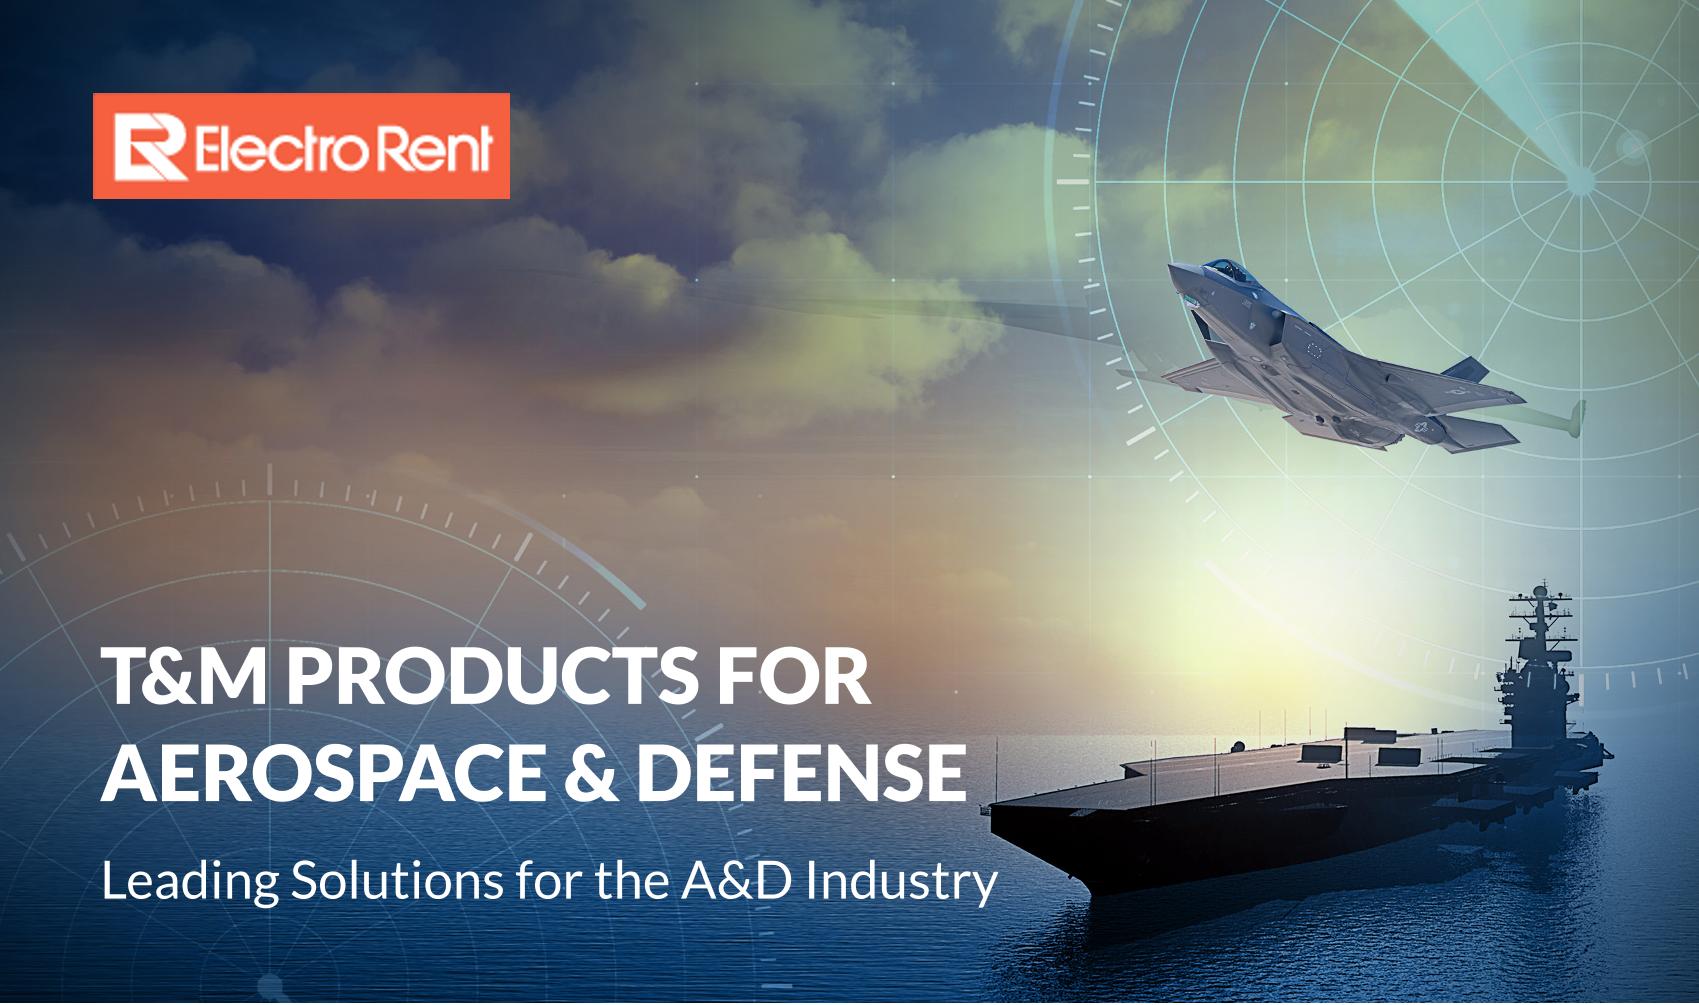 国防与航空航天领域,益莱储测试方案一览